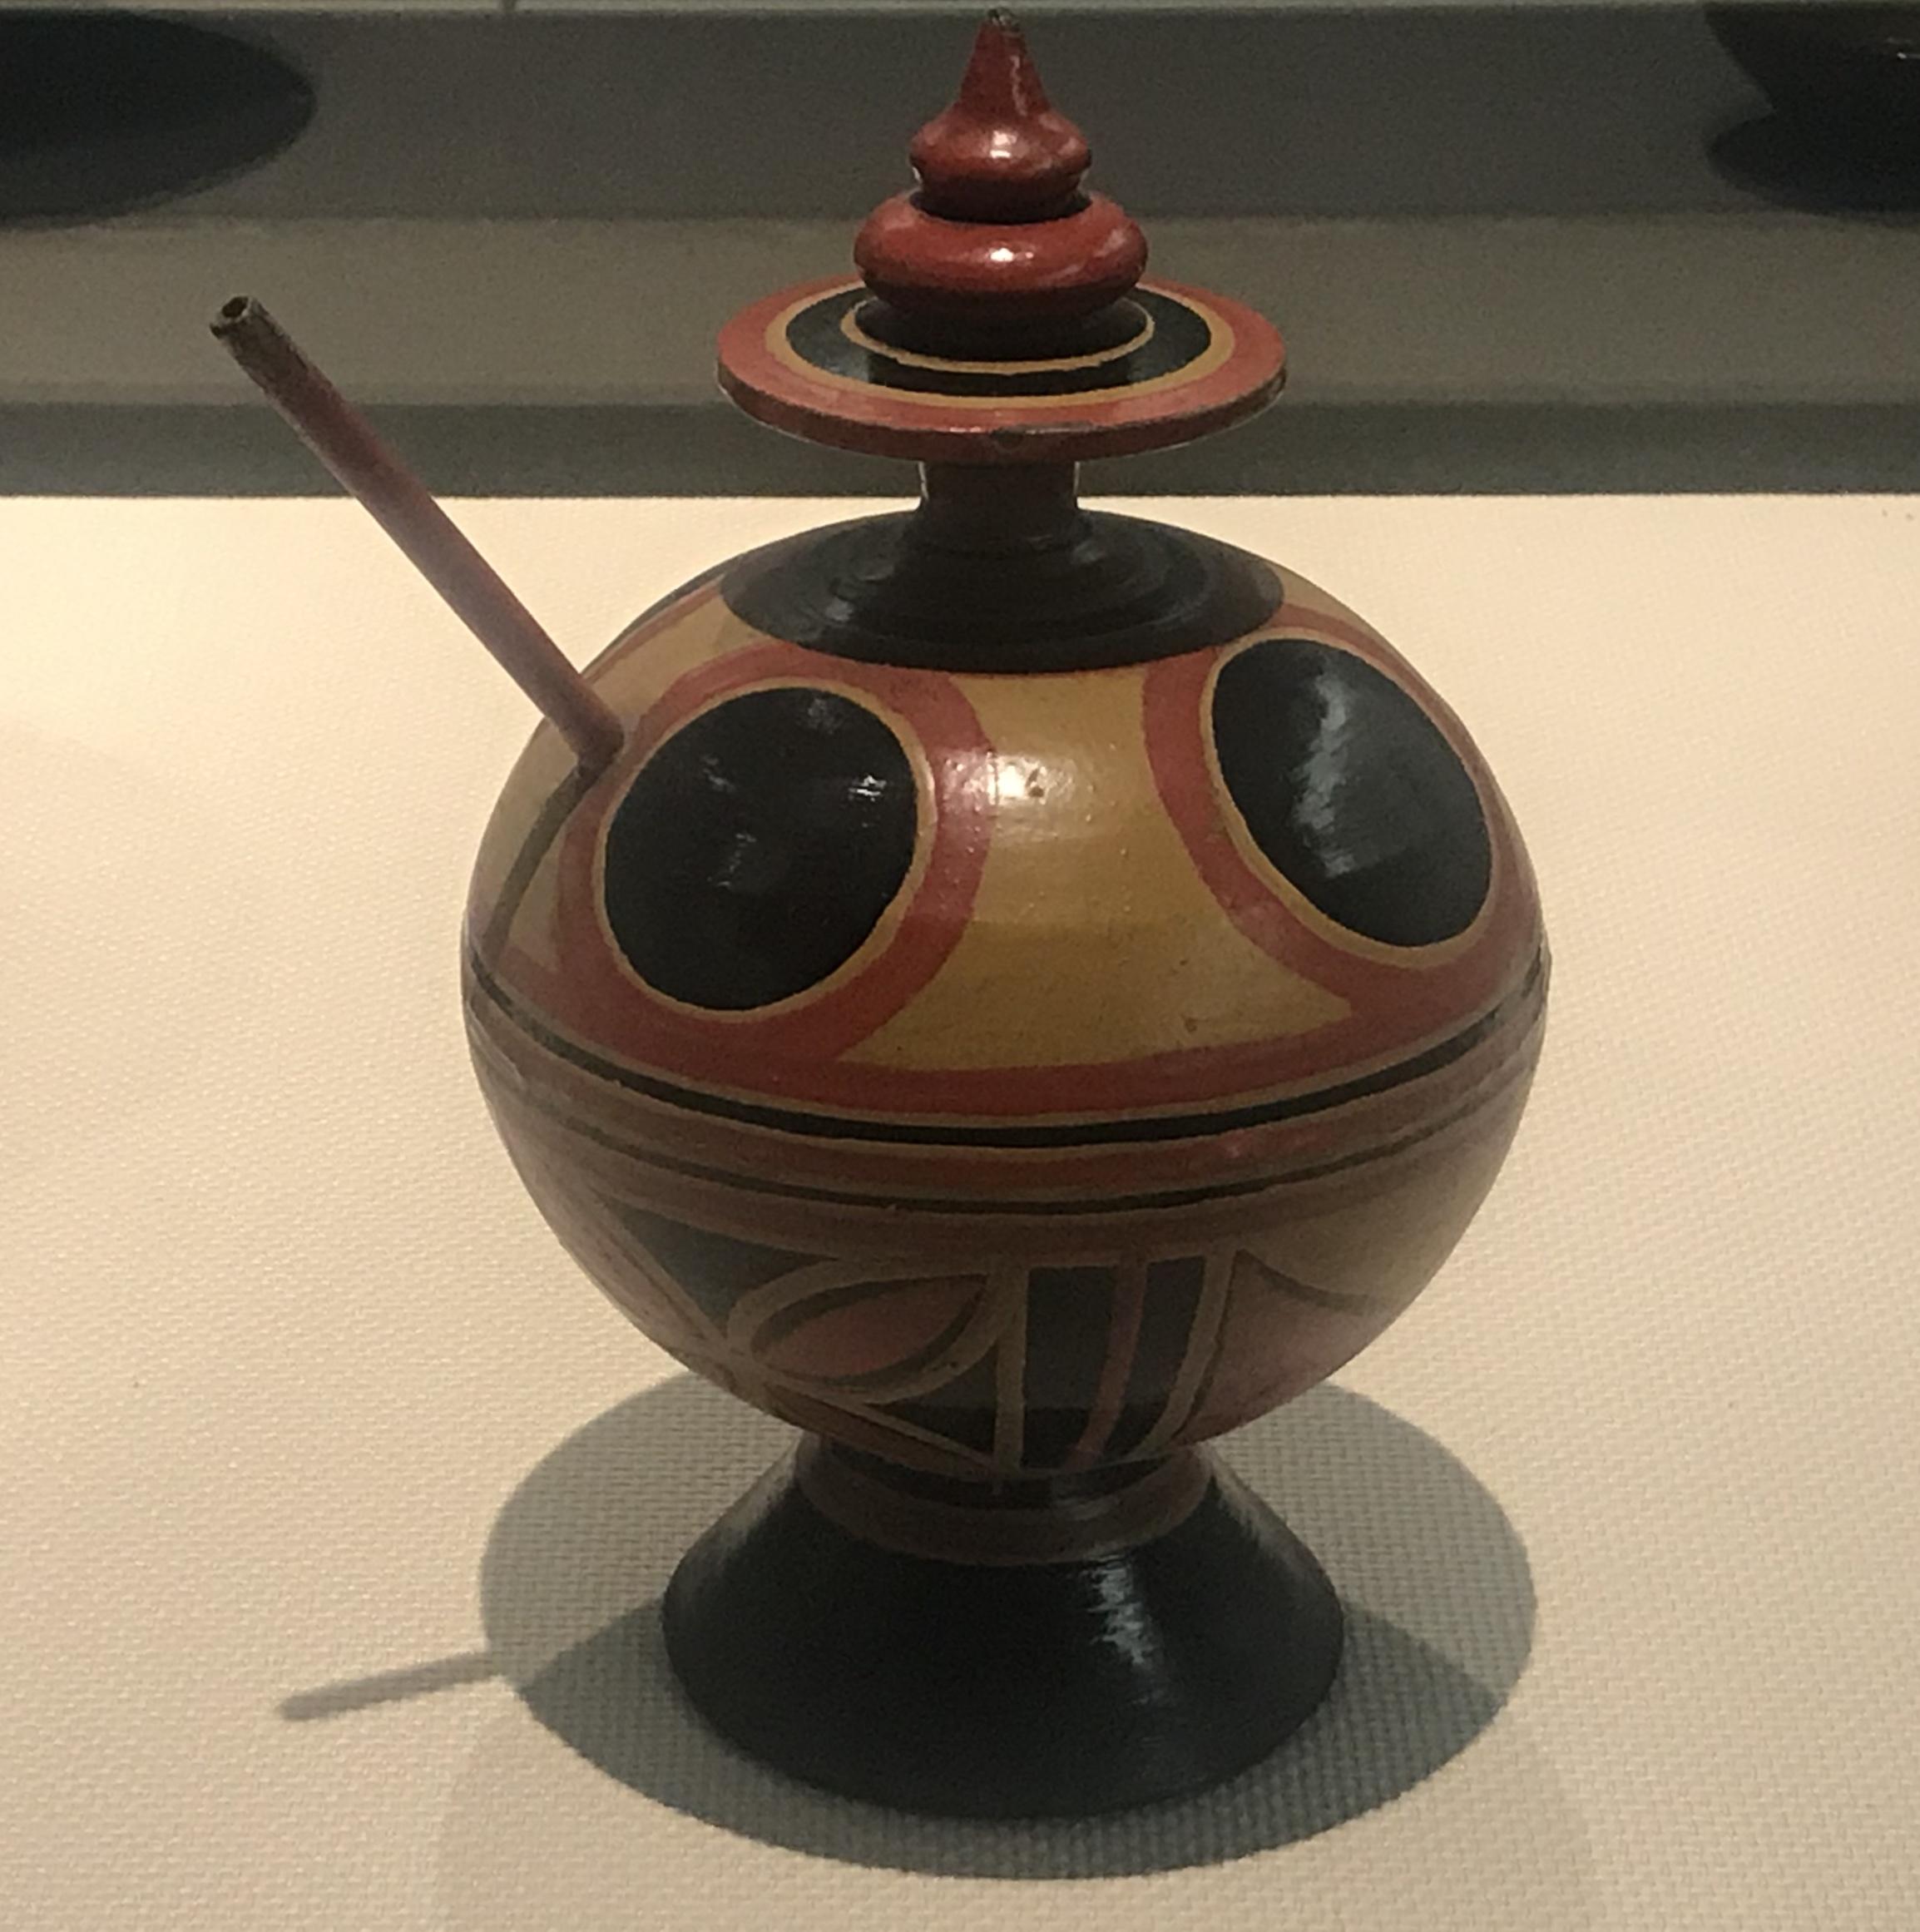 食器-彜族漆器-四川民族文物館-四川博物館-成都